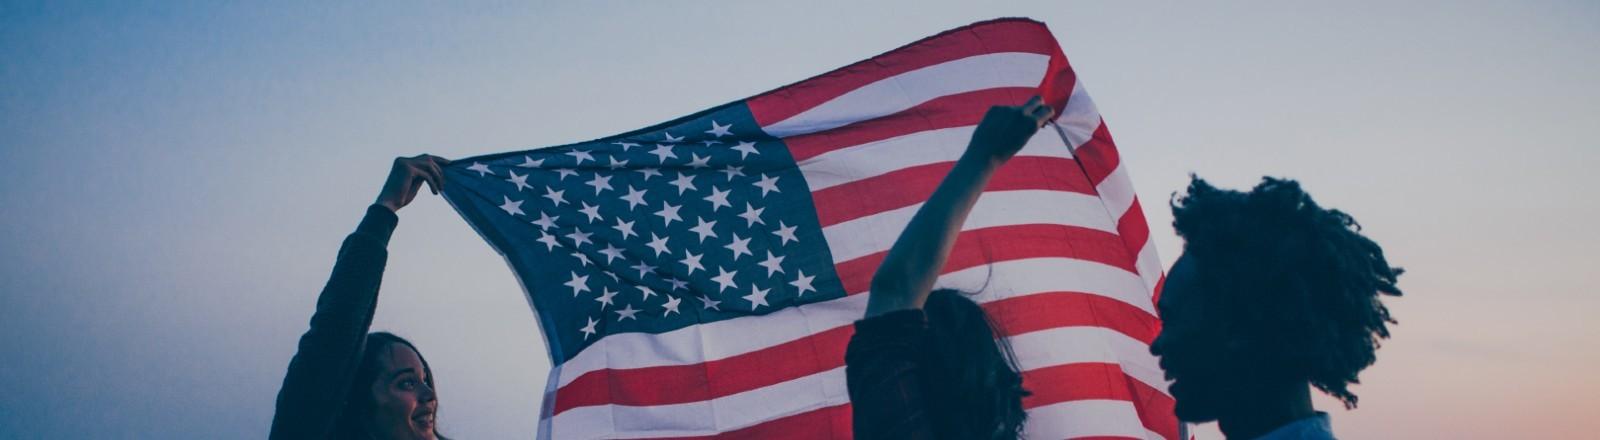 Junge Menschen halten die US-Flagge hoch.